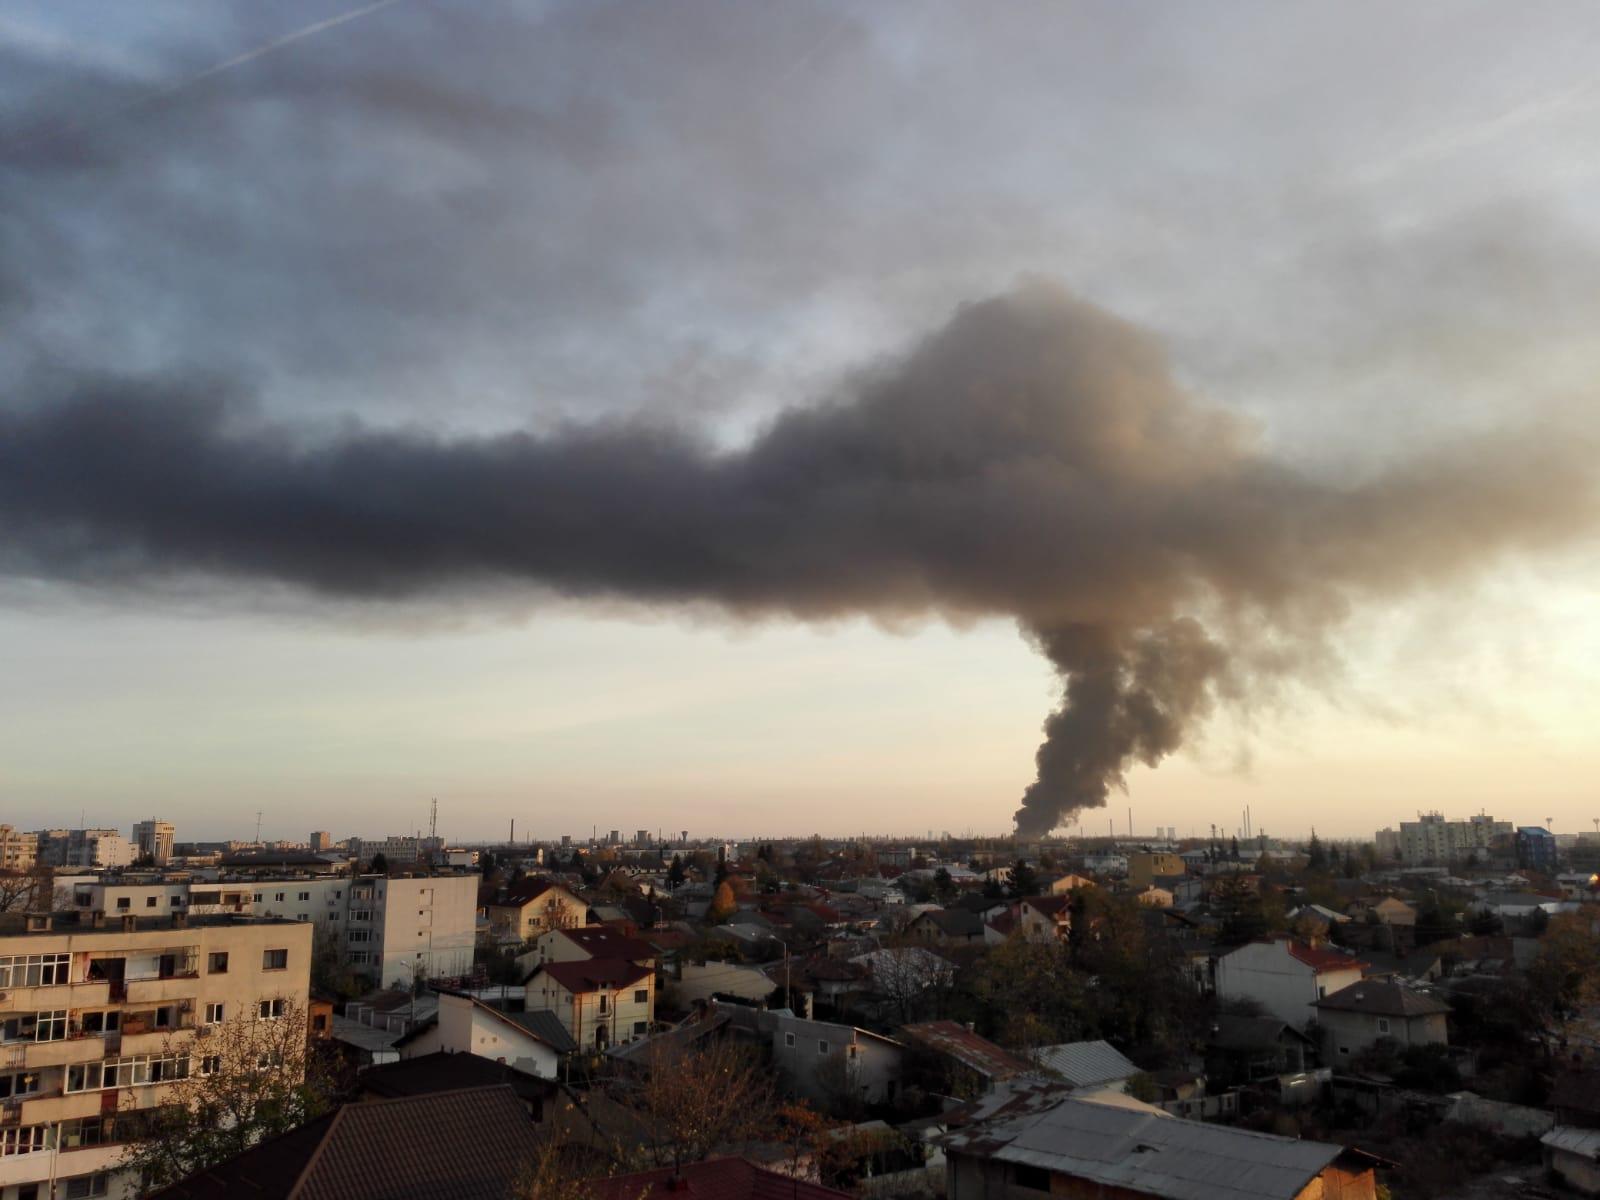 Incendiu la un depozit de mase plastice, în Ploiești. Populaţia, sfătuită să rămână în locuinţe